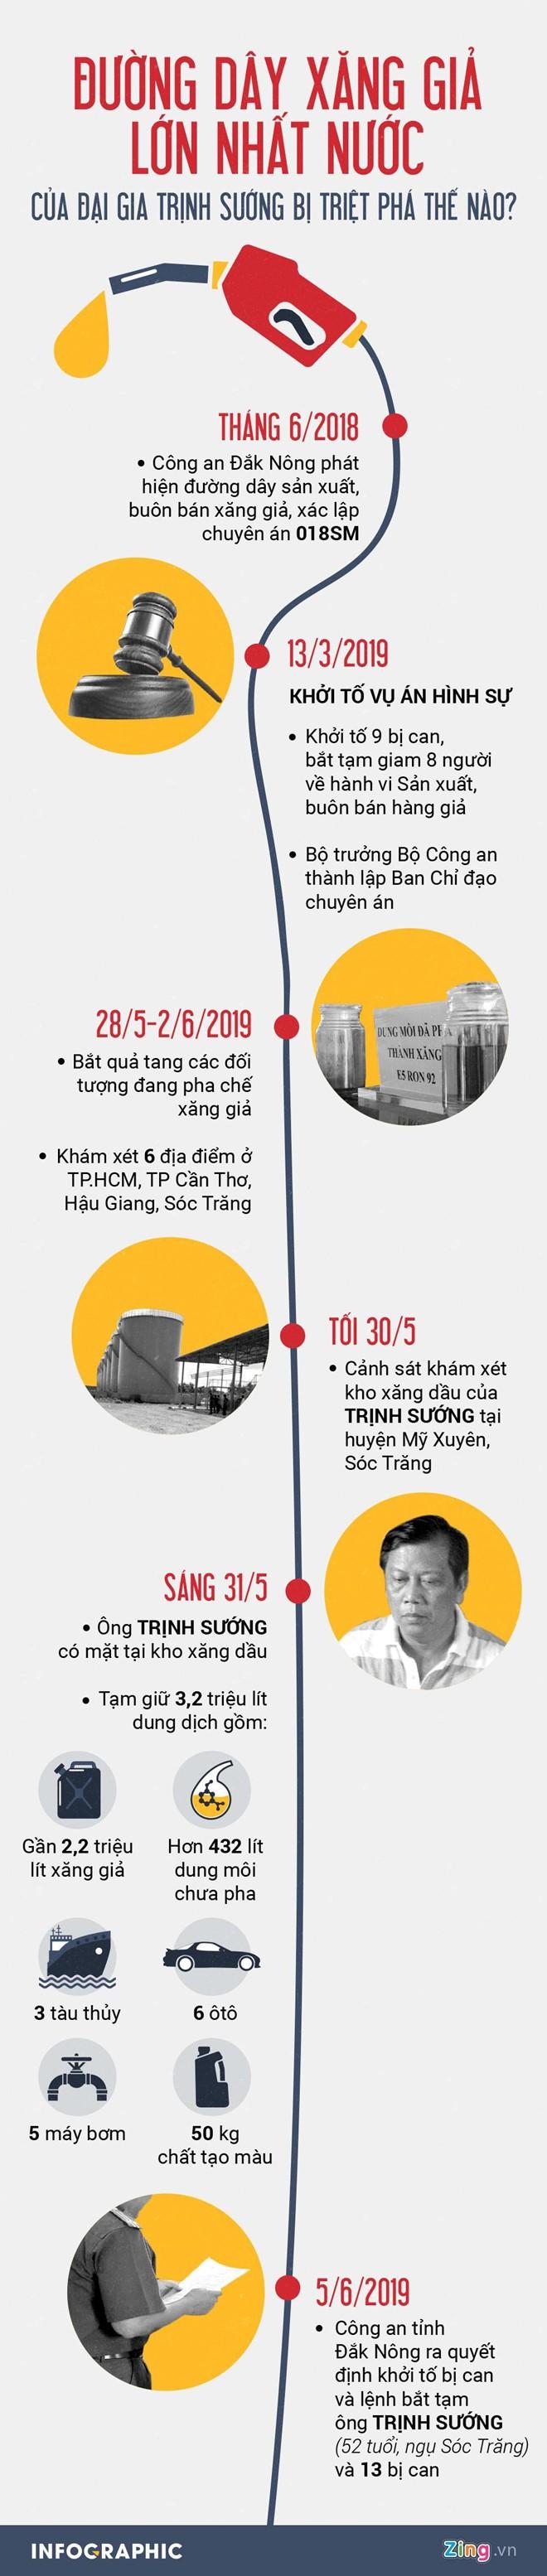 Bạn bè từng khuyên đại gia Trịnh Sướng làm ăn chân chính - Ảnh 3.